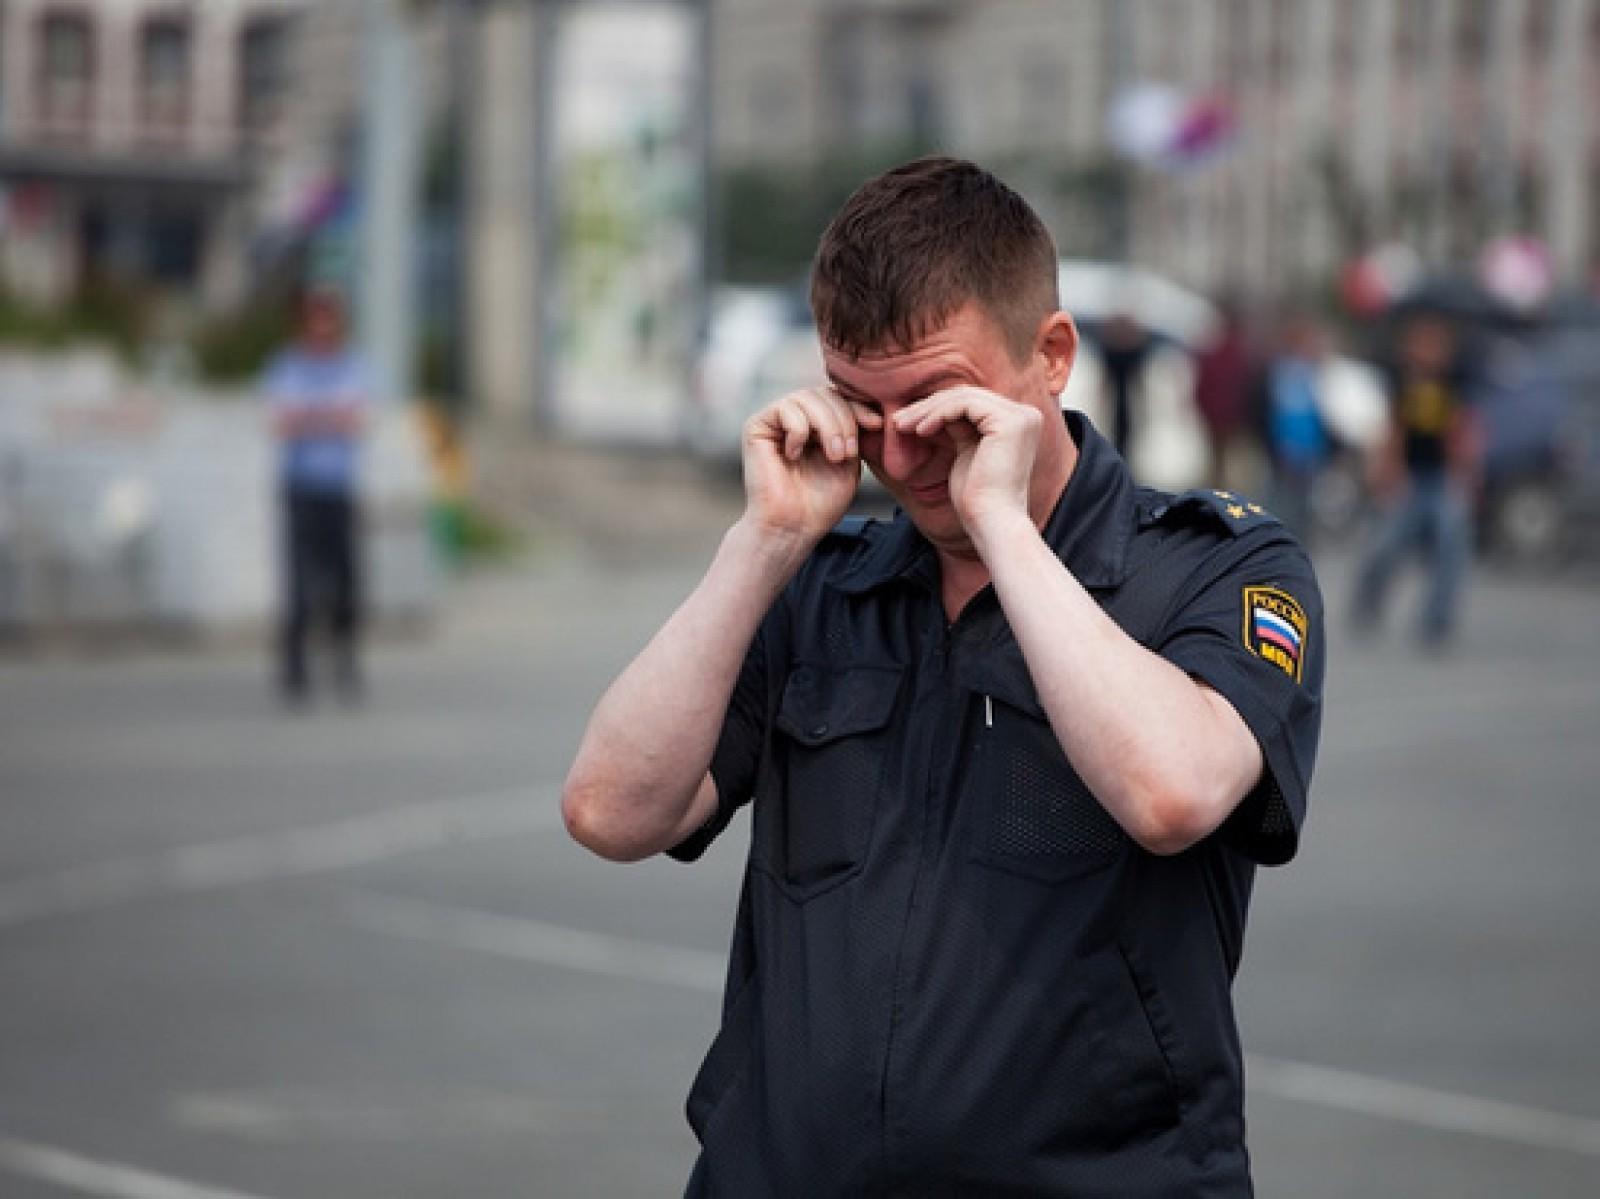 S-au supărat pe un polițist și l-au bătut. Doi moldoveni, condamnați la închisoare în Federația Rusă